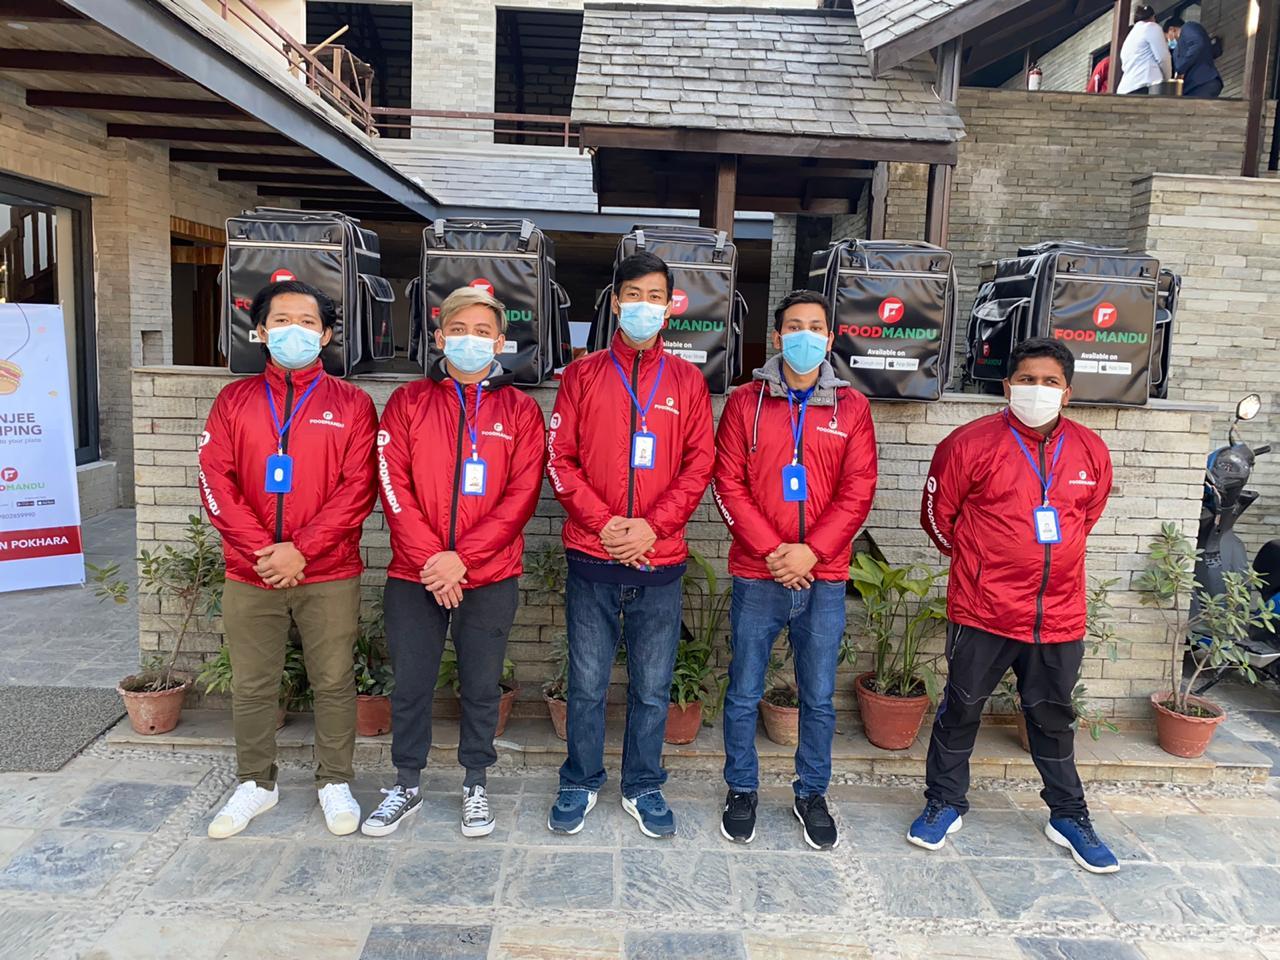 फुडमाण्डूको सेवा अब पोखरामा उपलब्ध, सेवा बिस्तारसँगै ३० प्रतिशत छुटको अफर